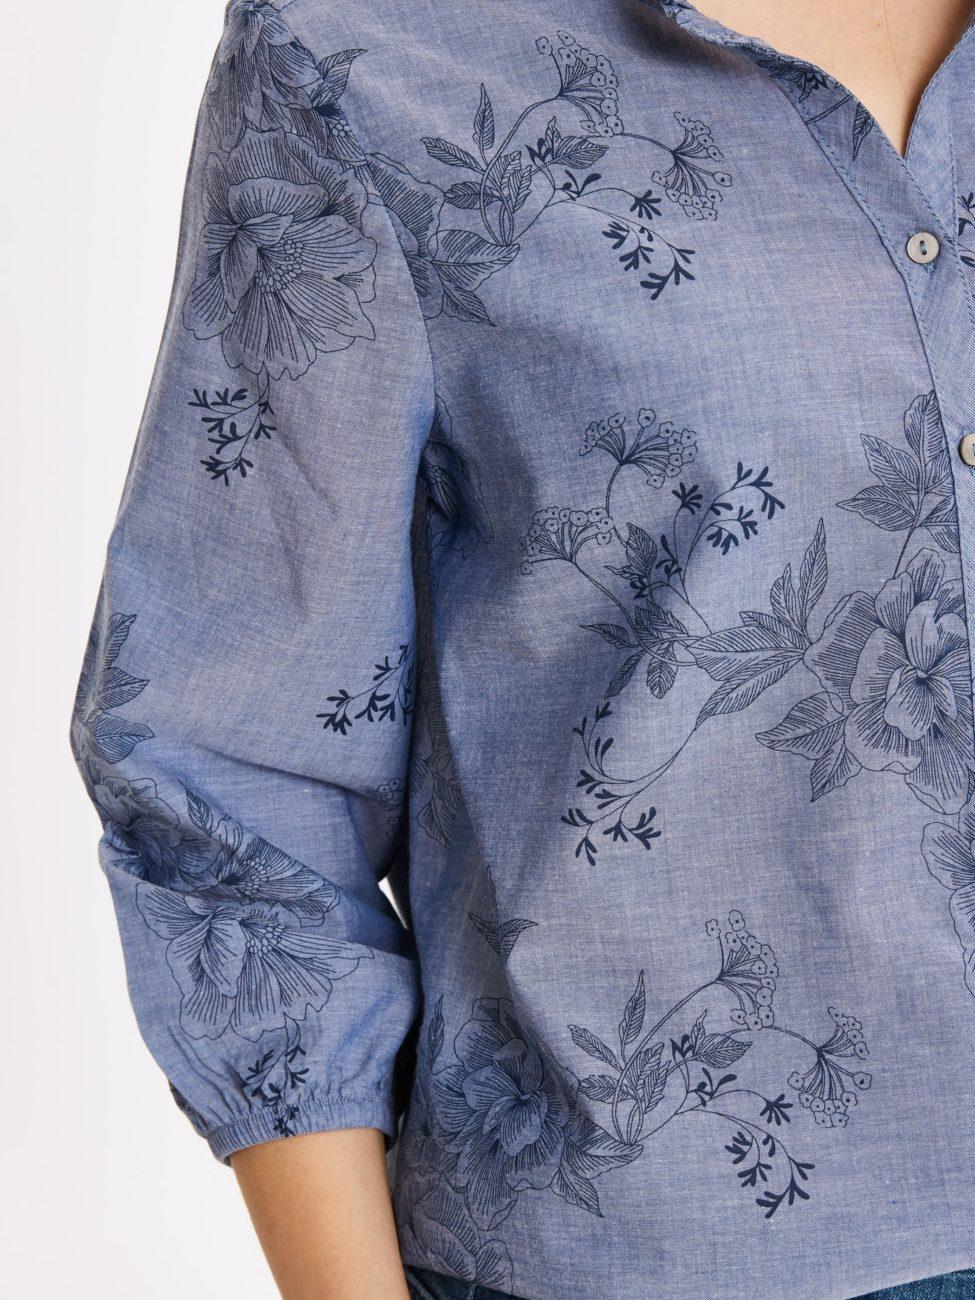 Soldes Lc Waikiki Maroc Chemise pour femme 79Dhs au lieu de 149Dhs